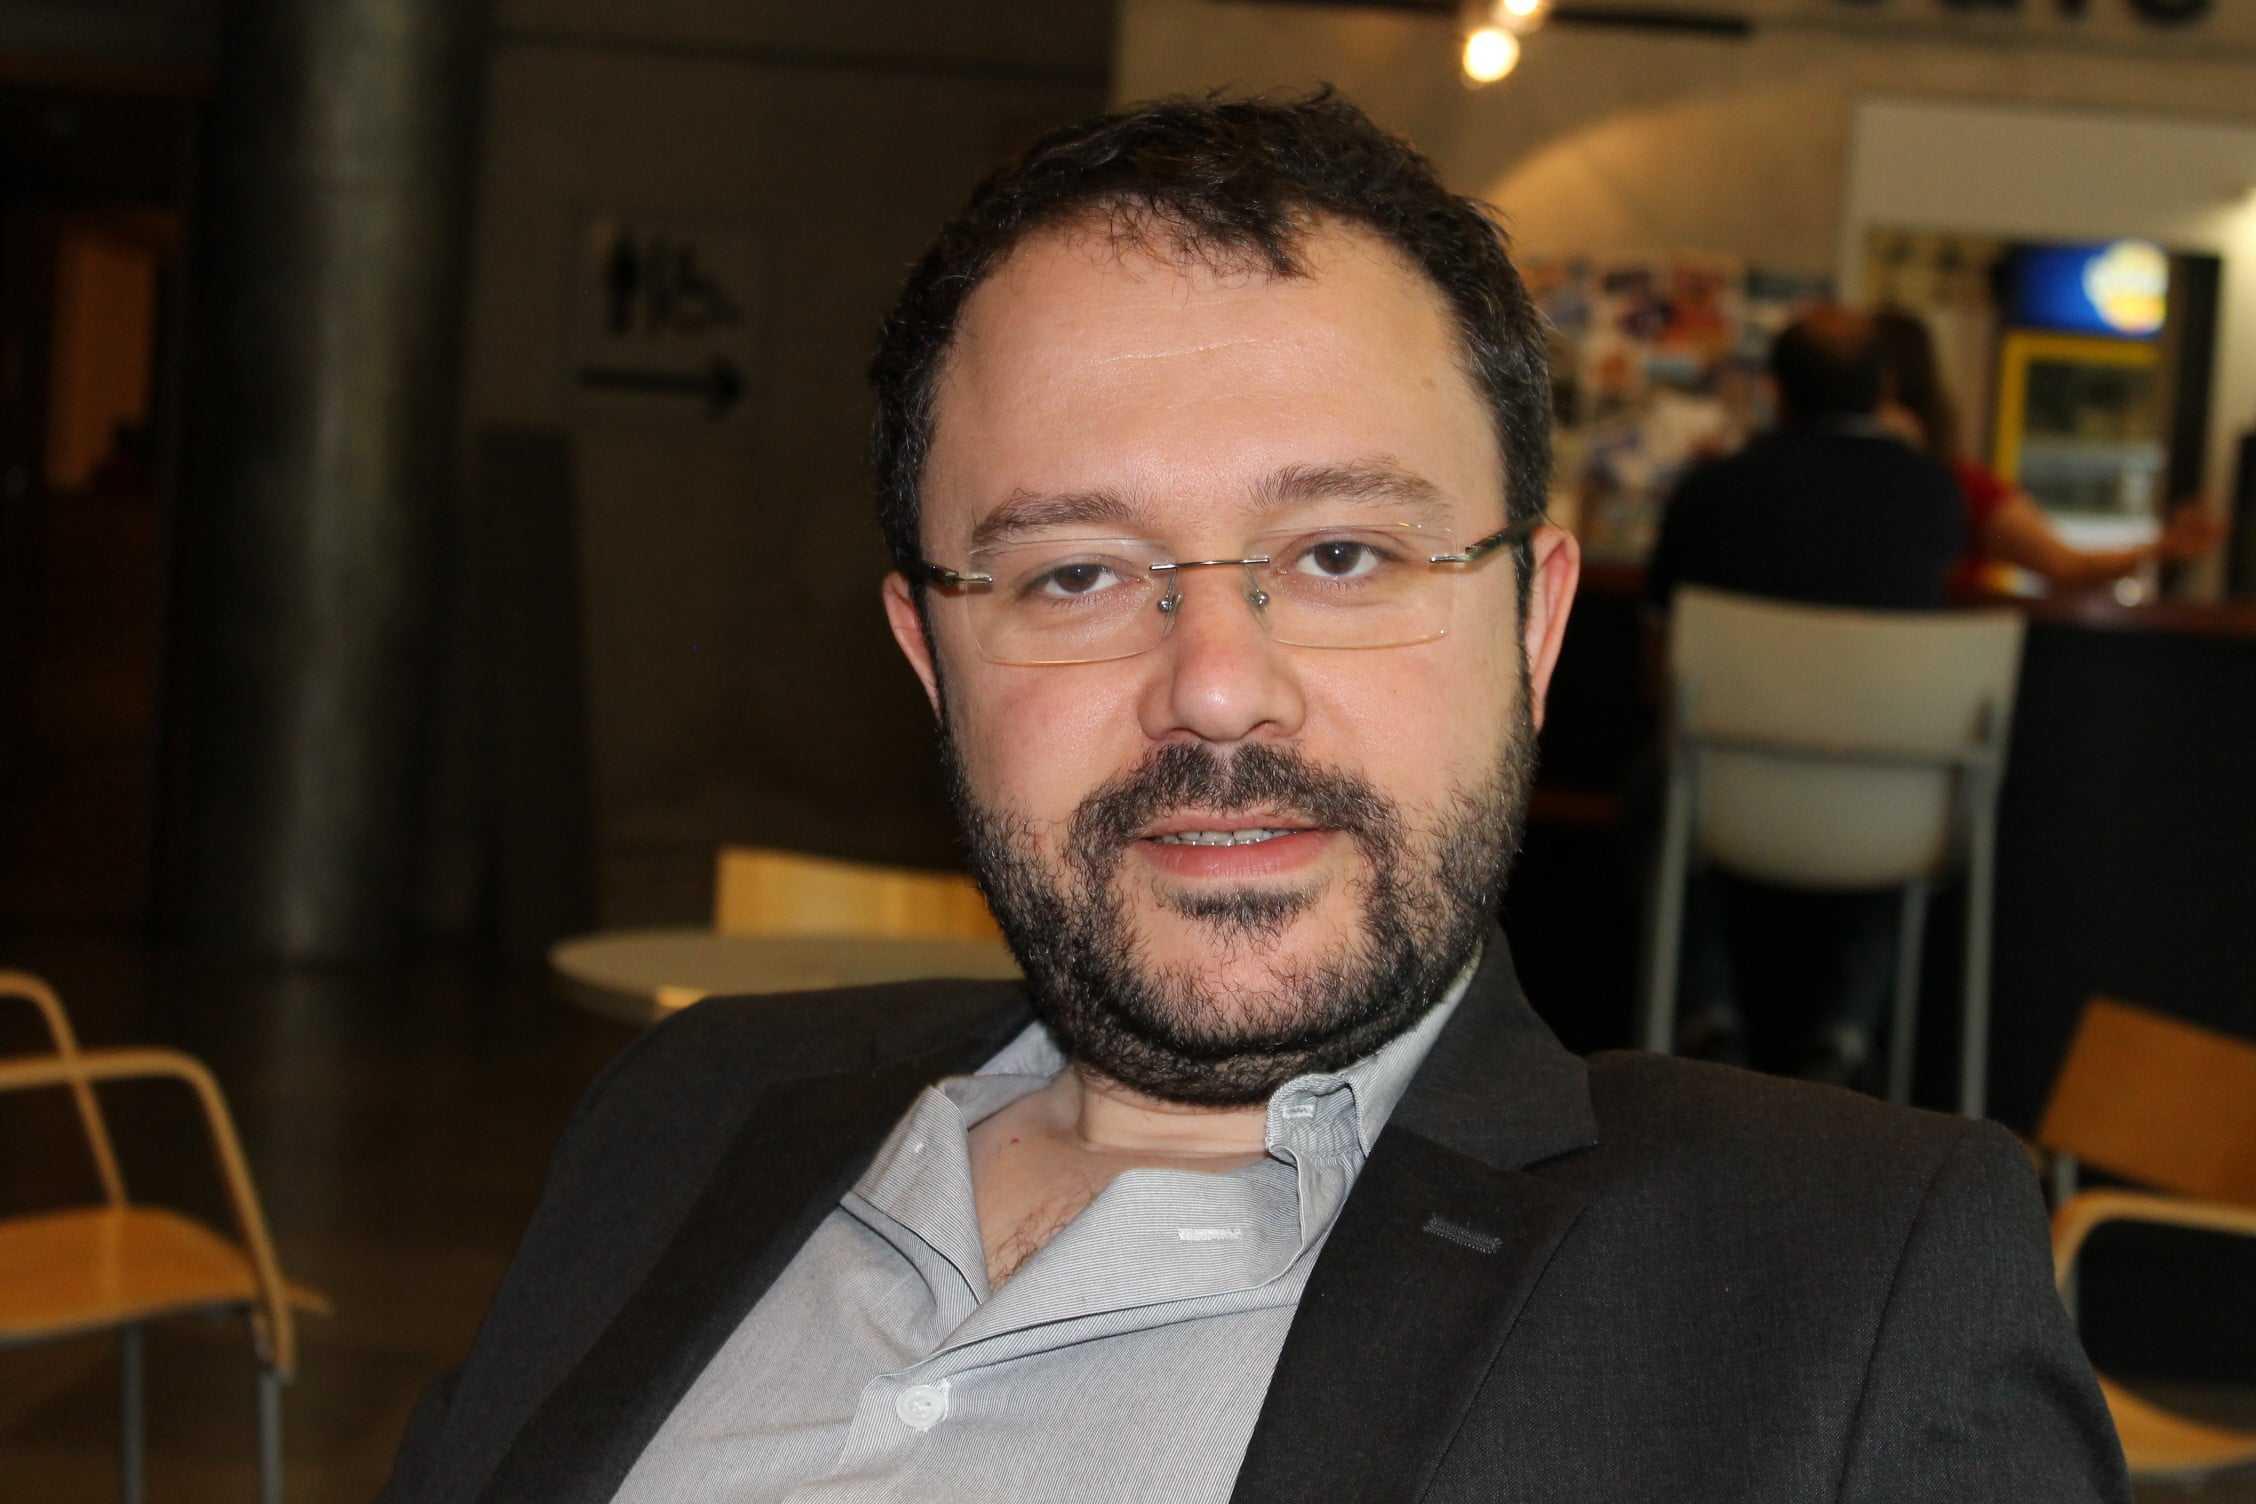 Riad Sattouf a demandé que son nom soit retiré des nominés du Grand Prix pour 2016